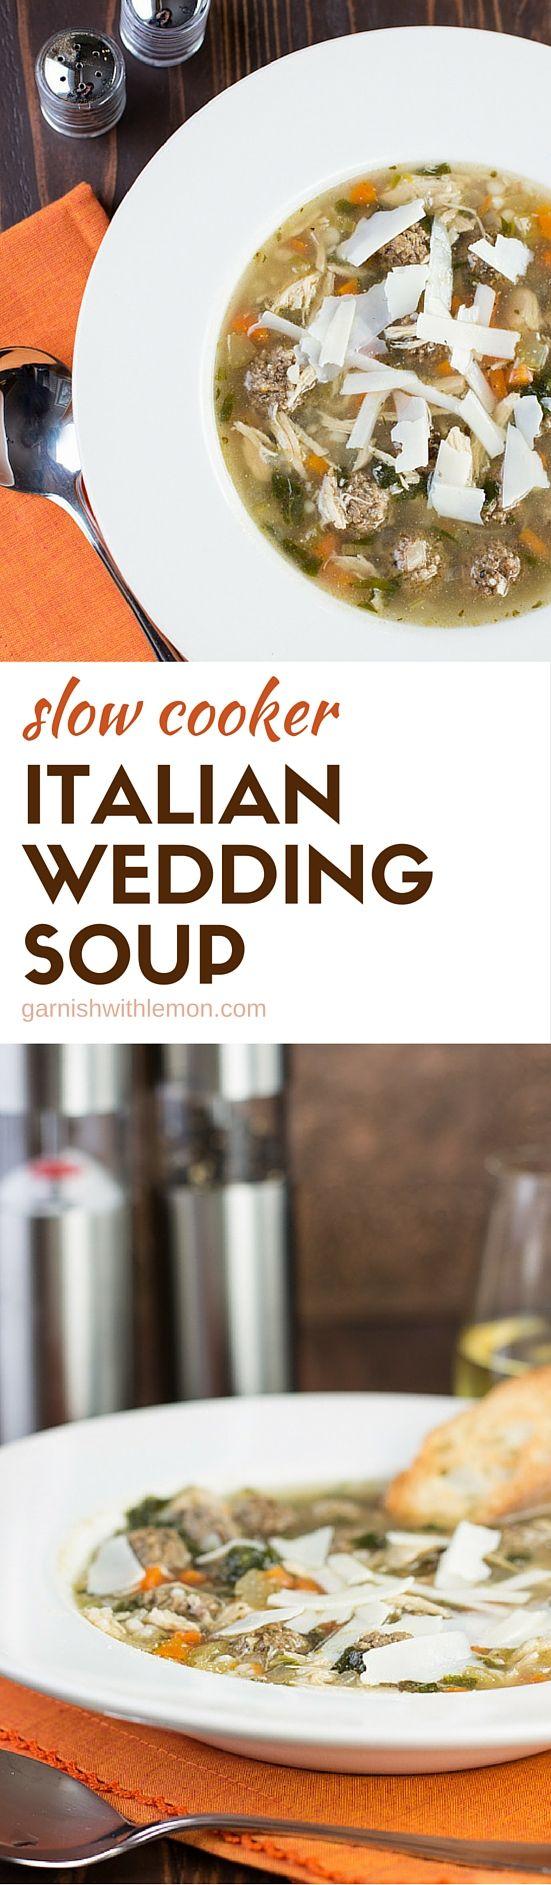 Slow Cooker Italian Wedding Soup Garnish with Lemon